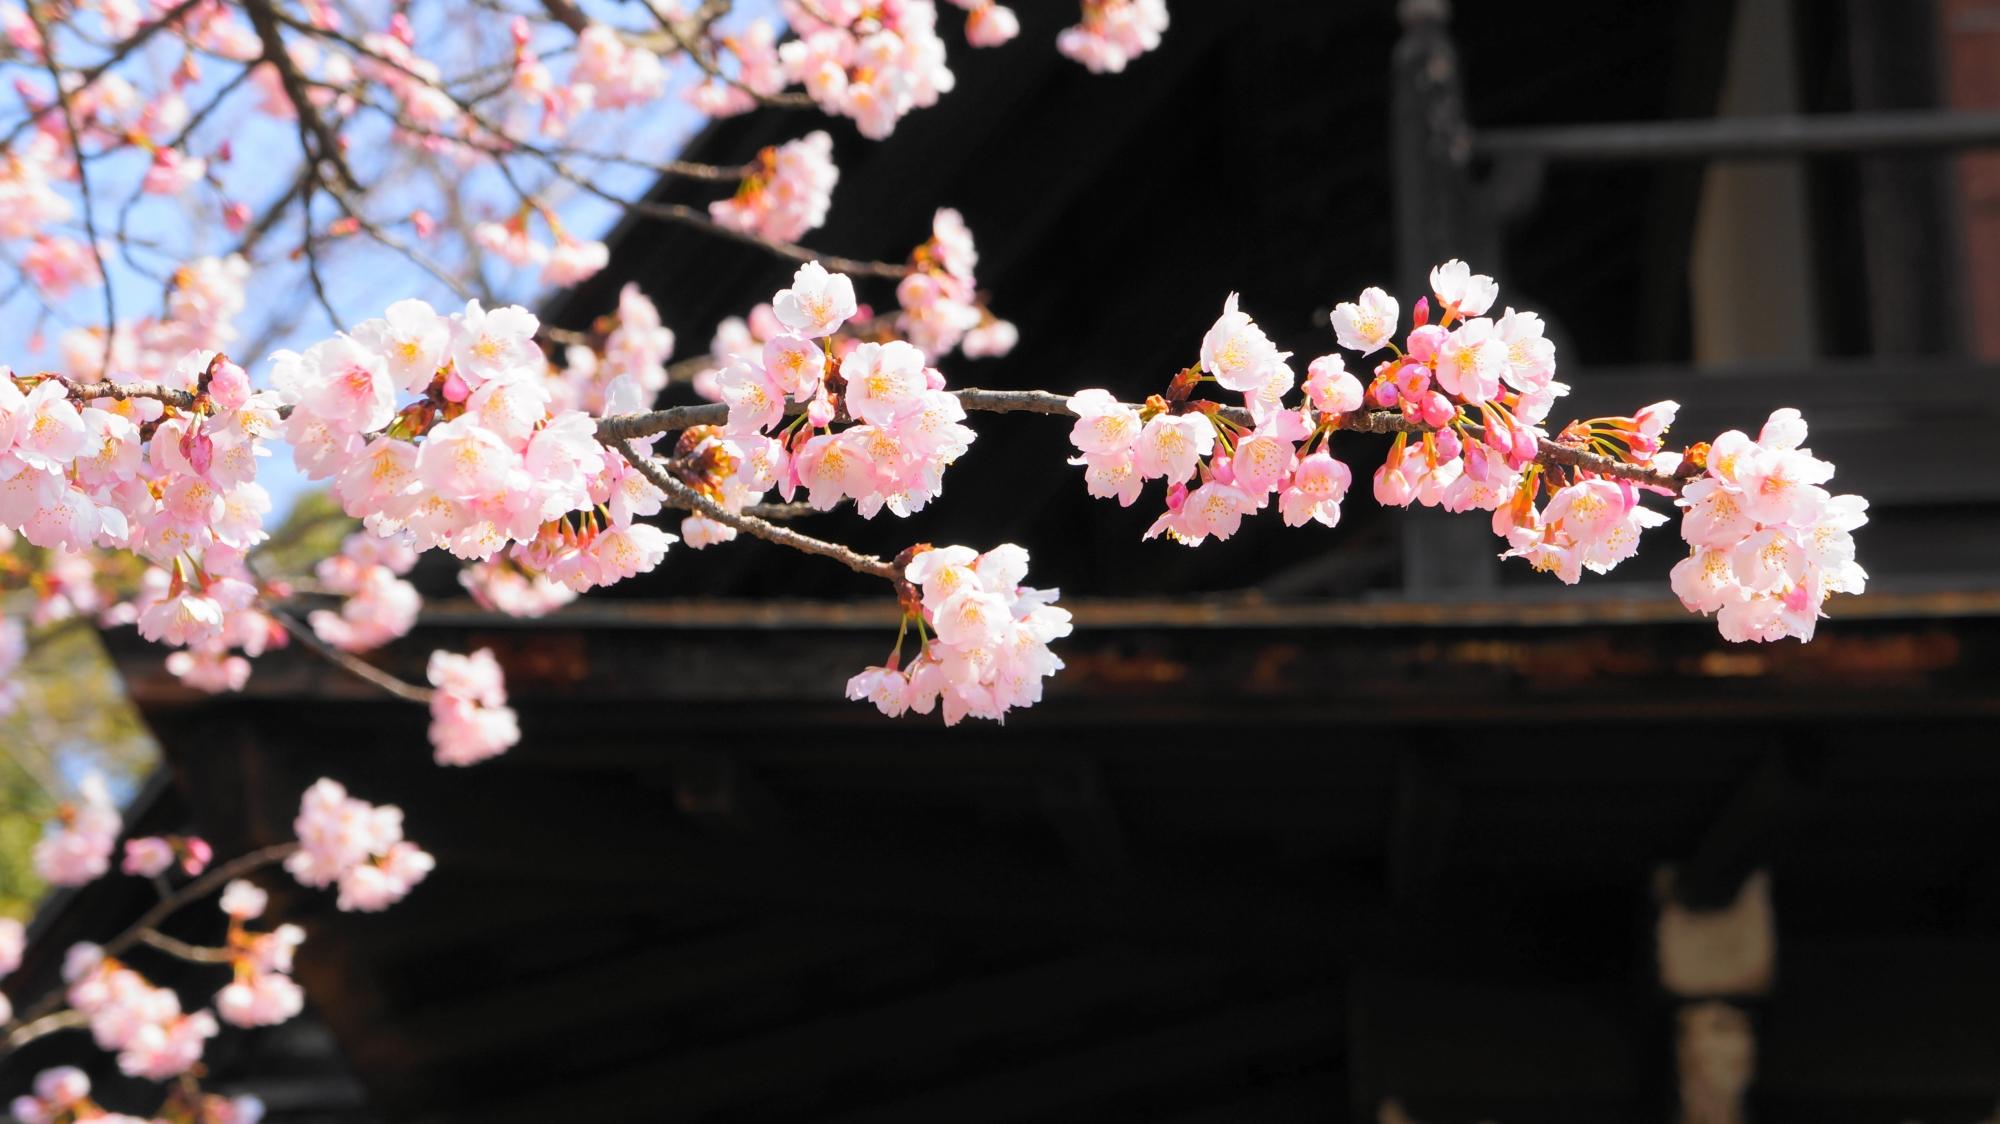 春の訪れを告げる可愛いピンクの花